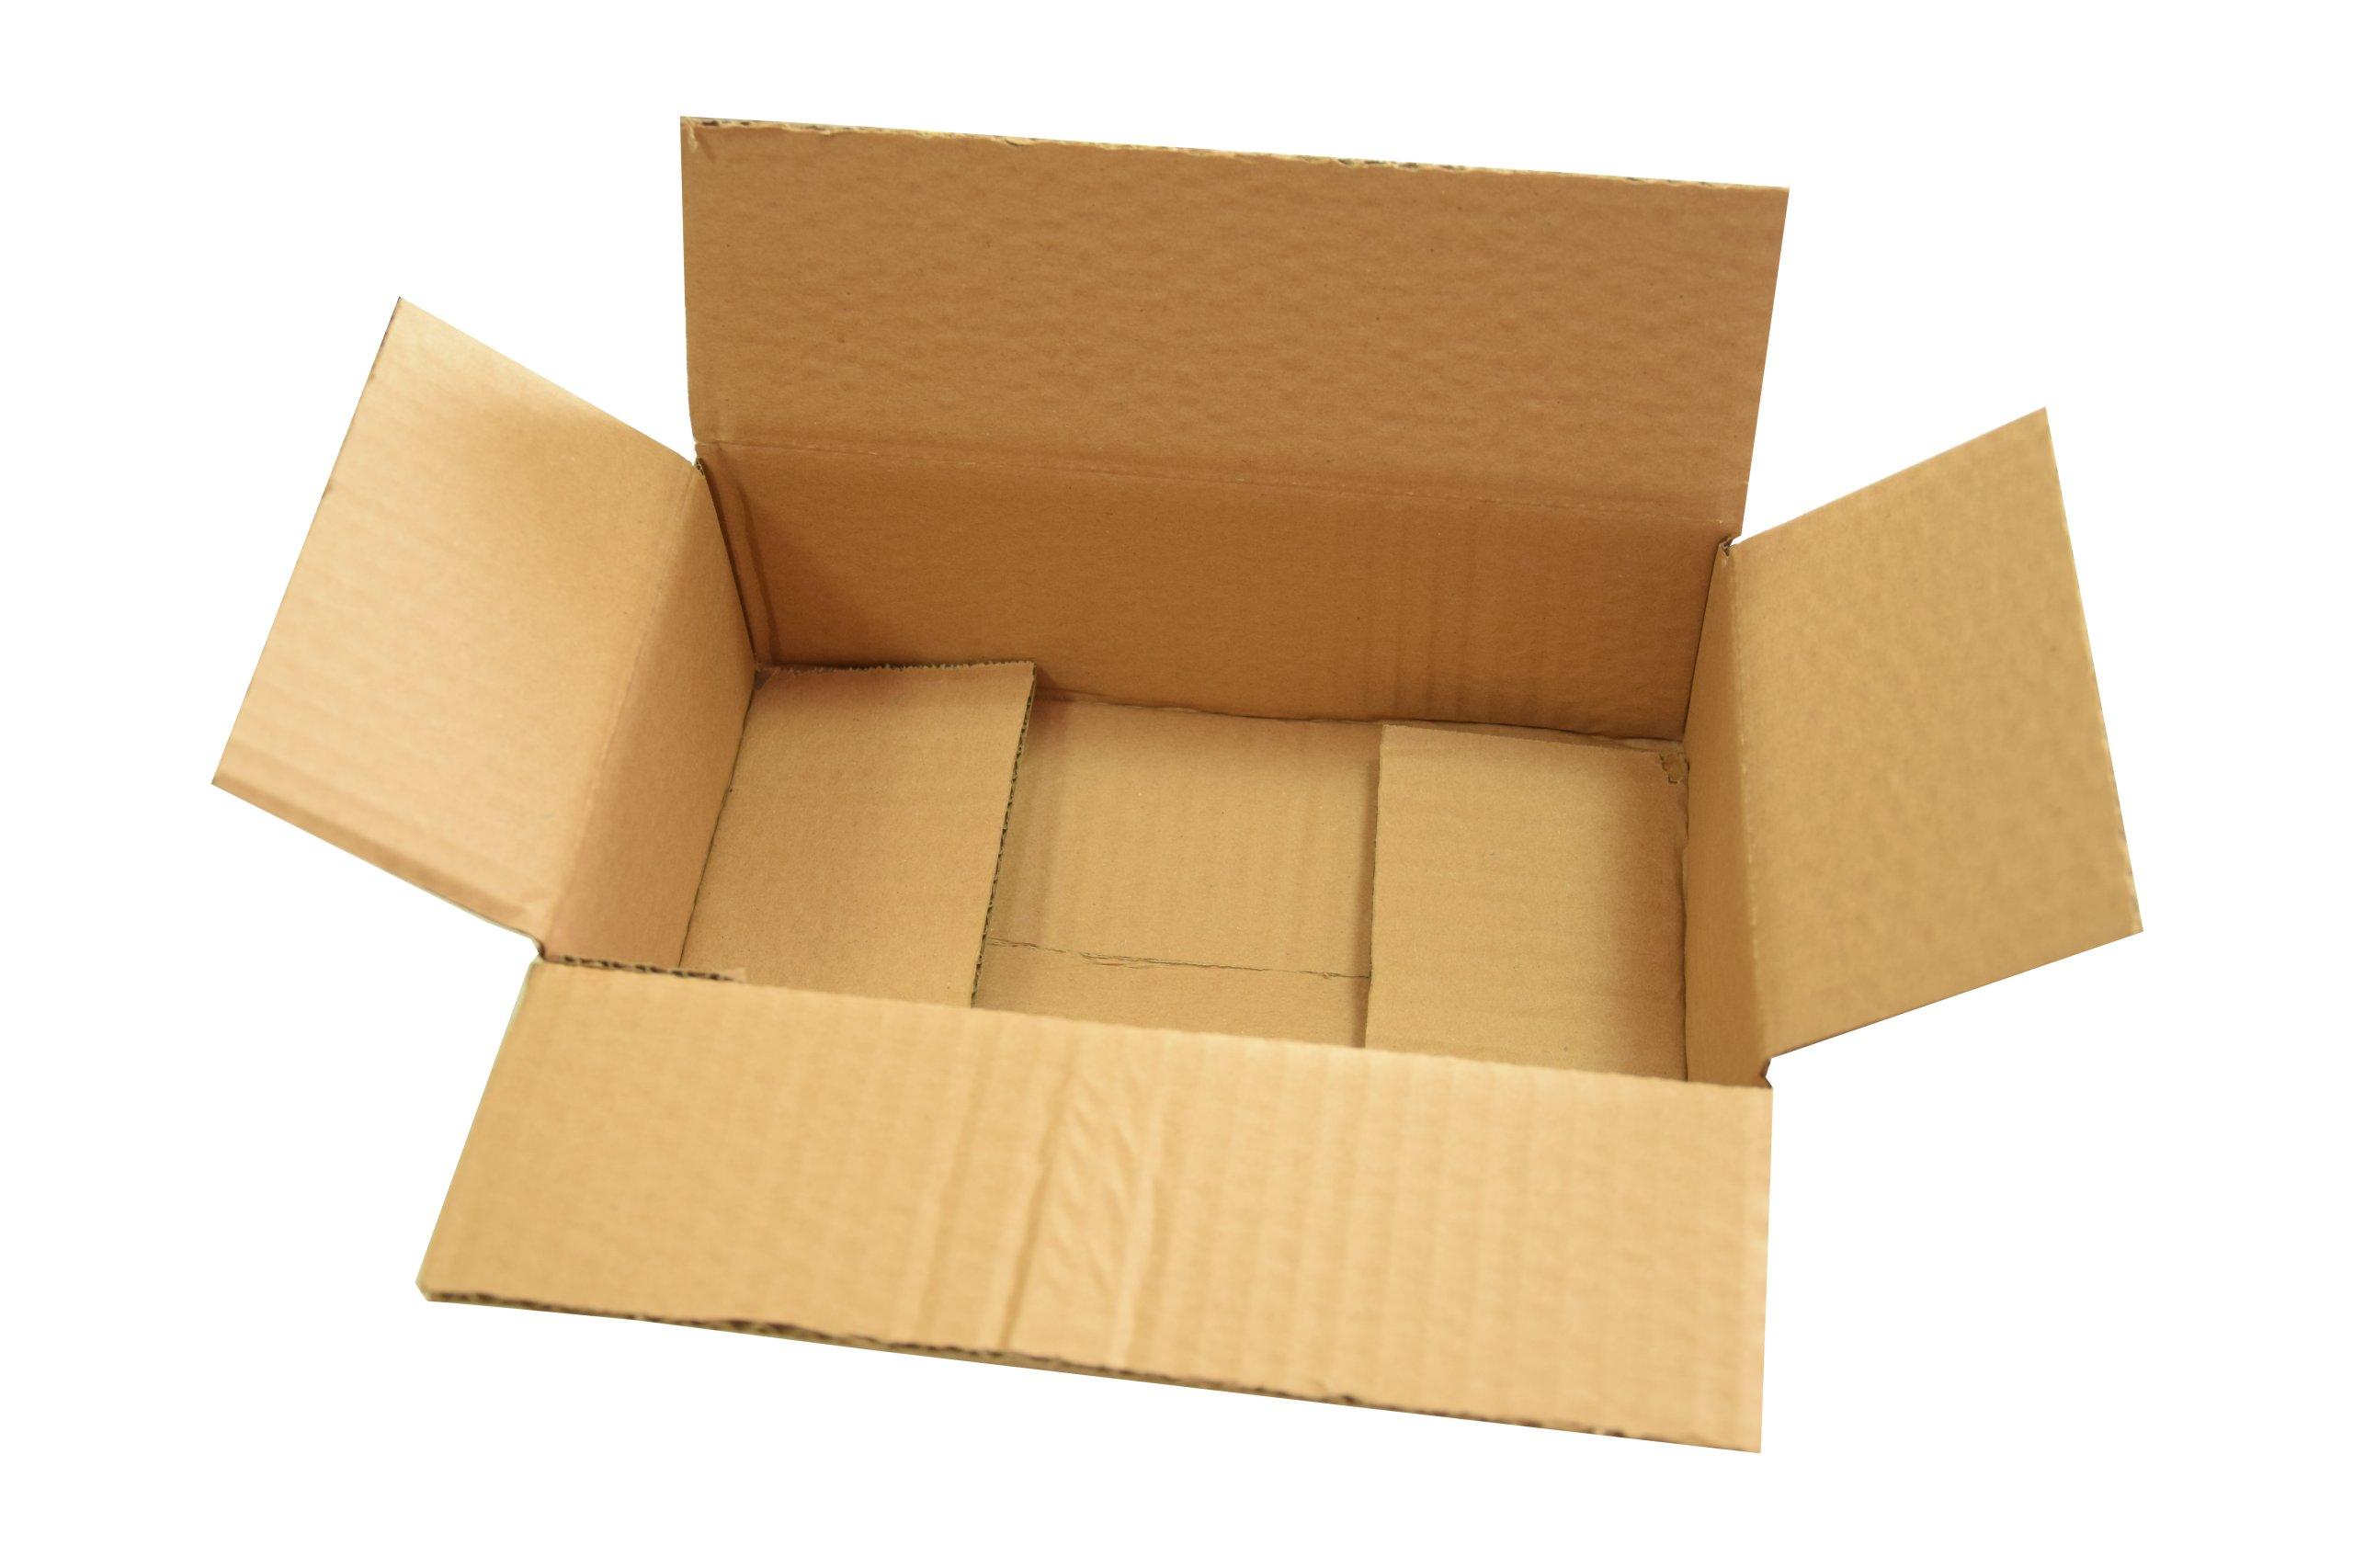 Картонная коробка 200x120x80 (-1 комплект-10шт)